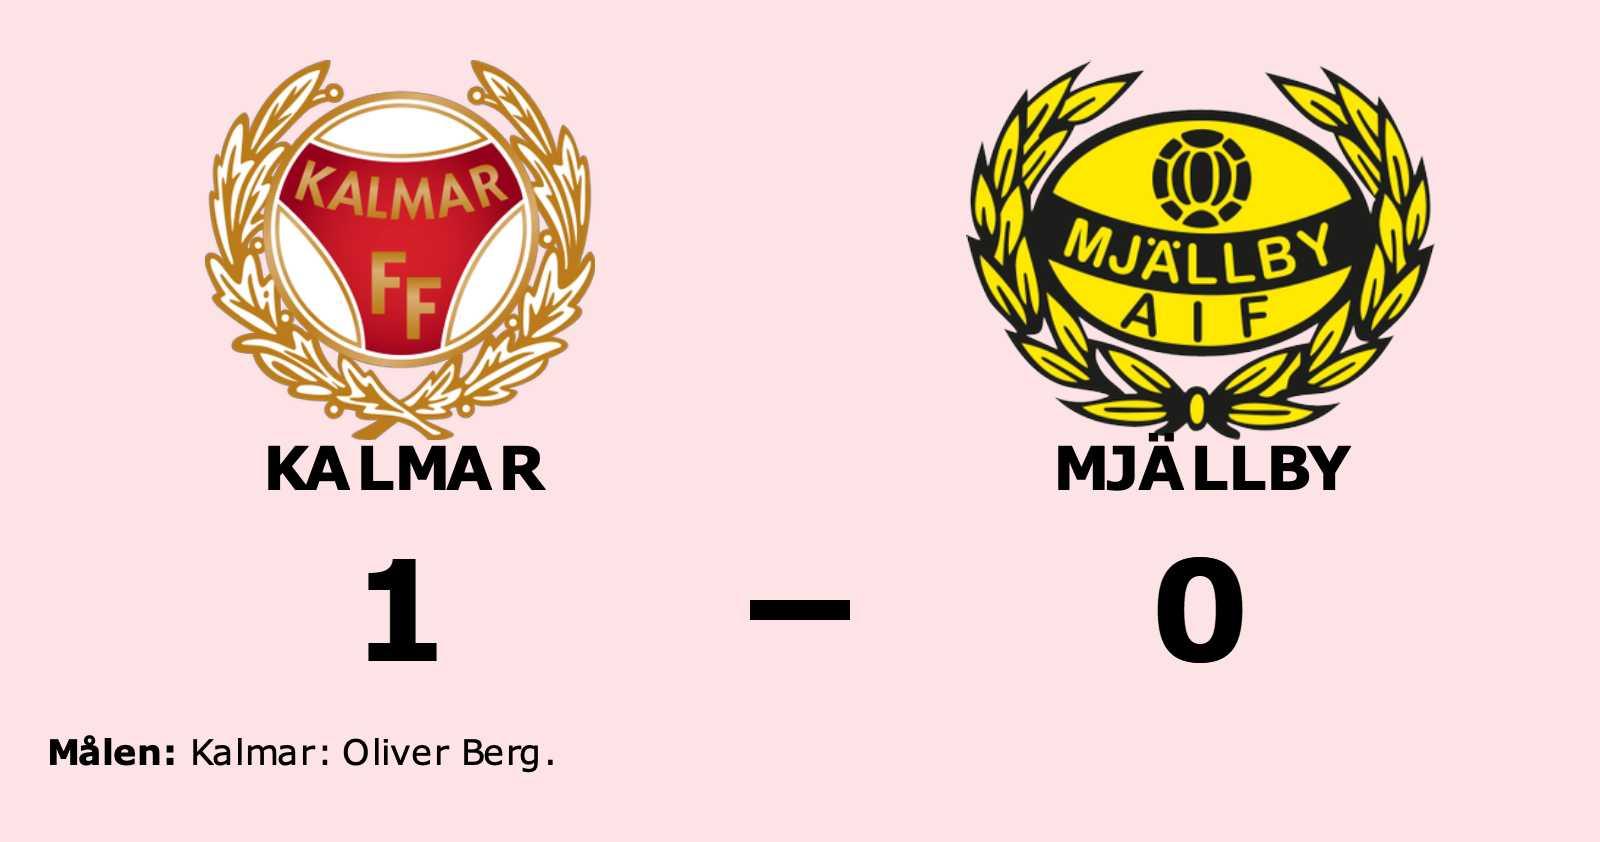 Fortsatt tungt för Mjällby efter förlust mot Kalmar